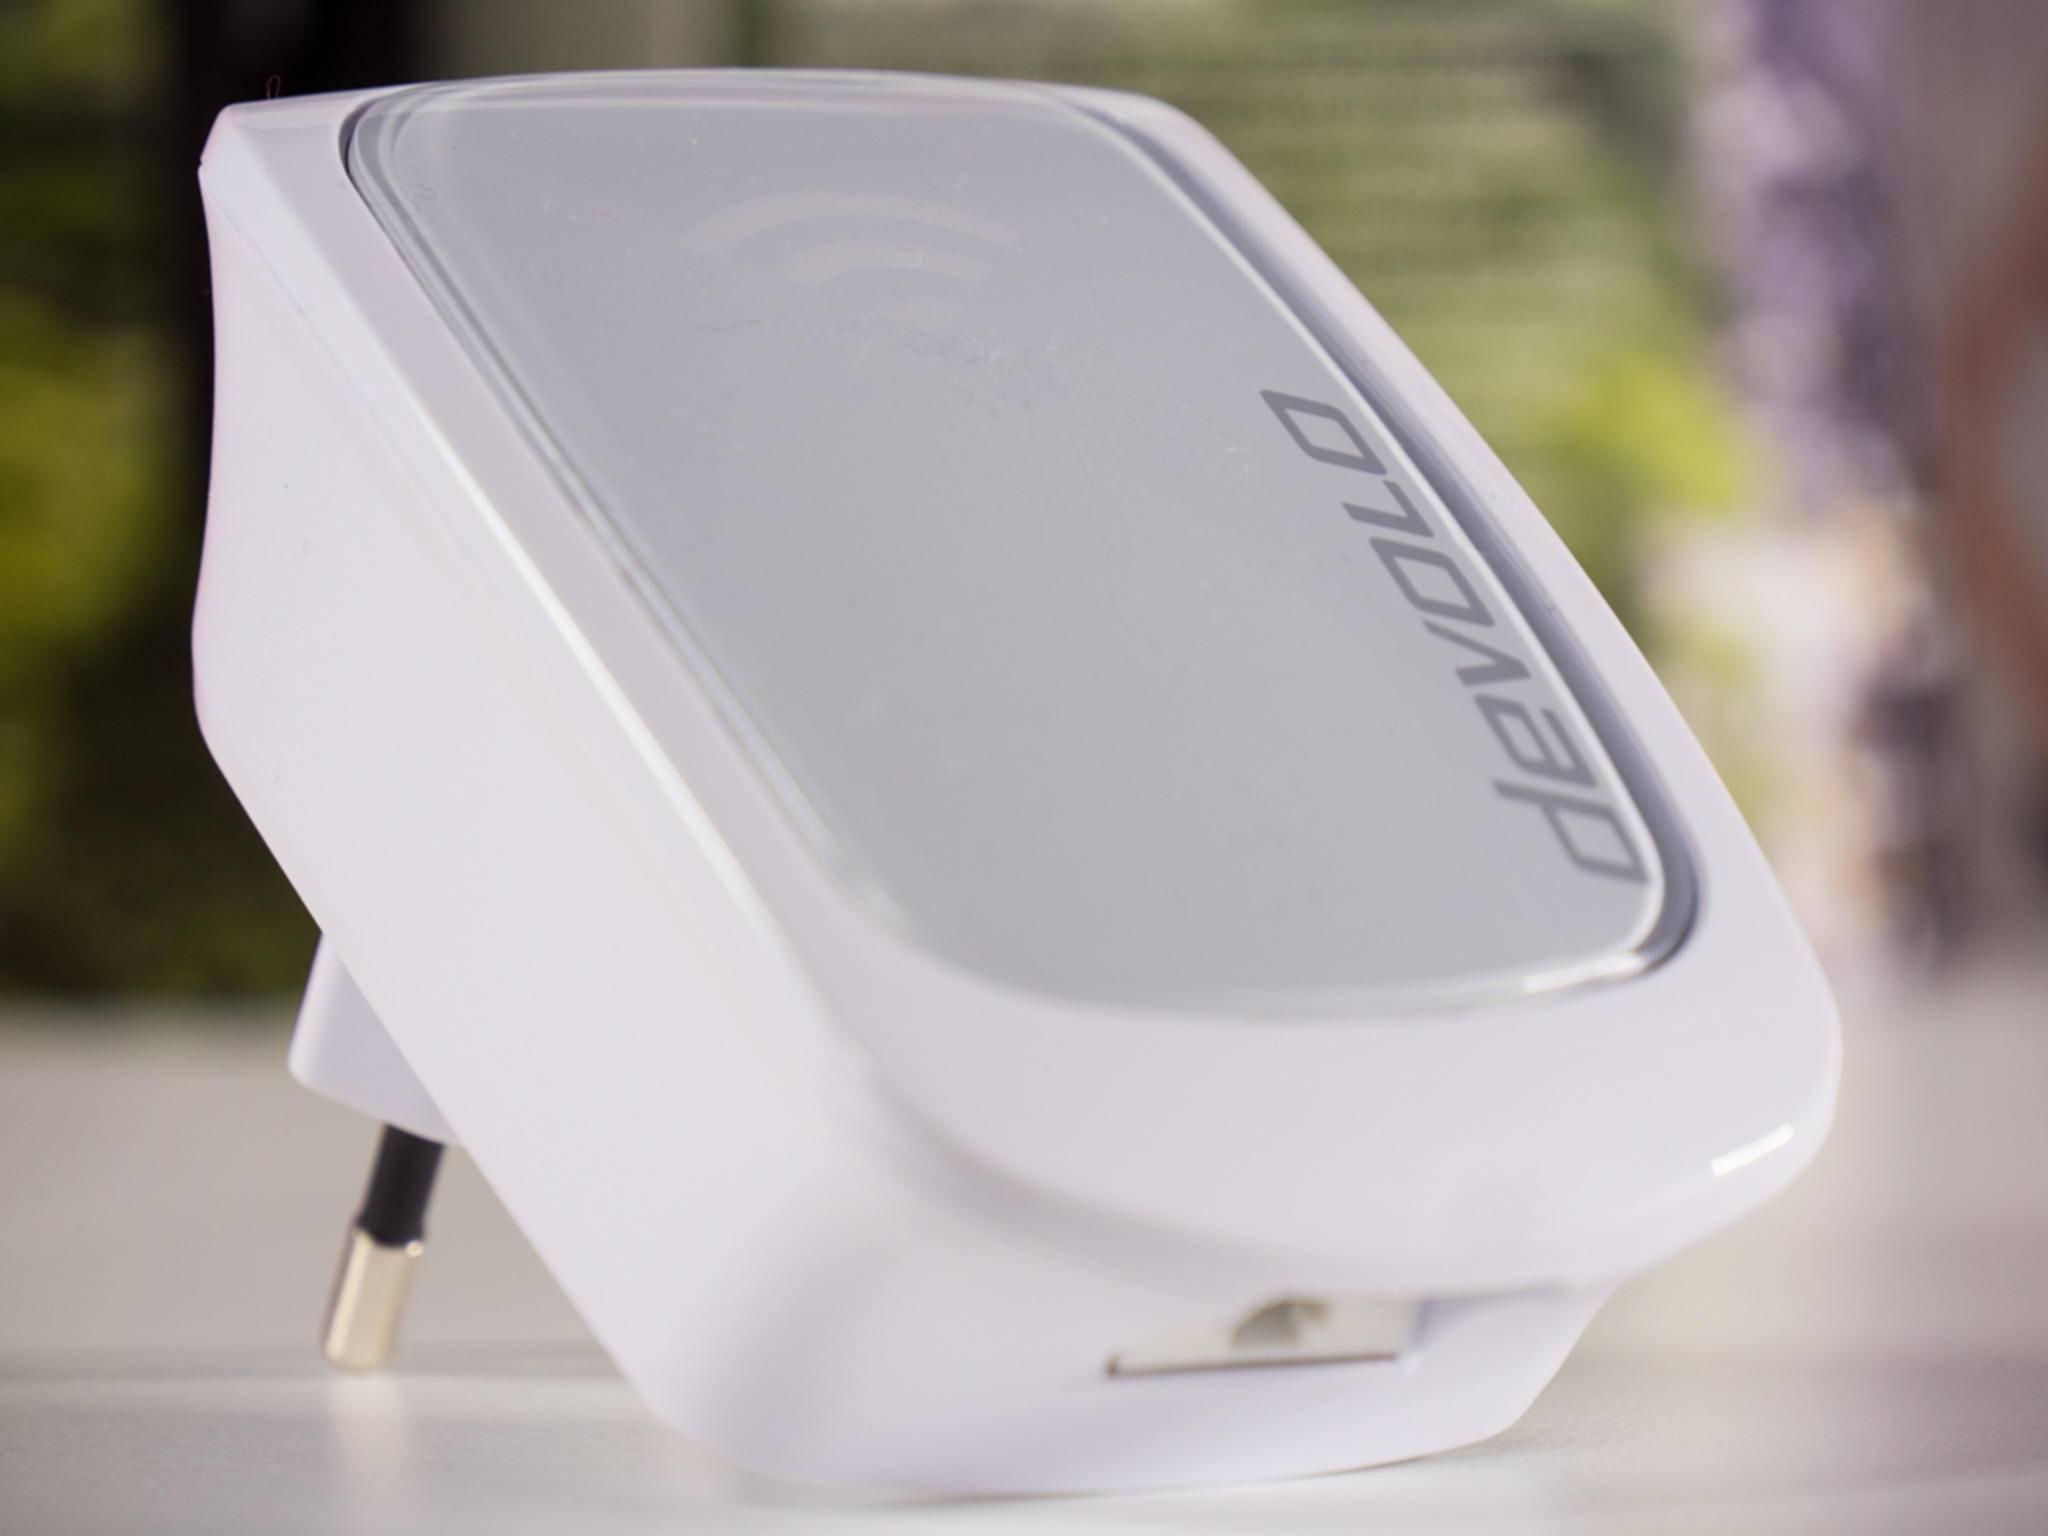 Der kompakte Repeater im schlichten Weiß fügt sich optisch gut in den Haushalt ein.